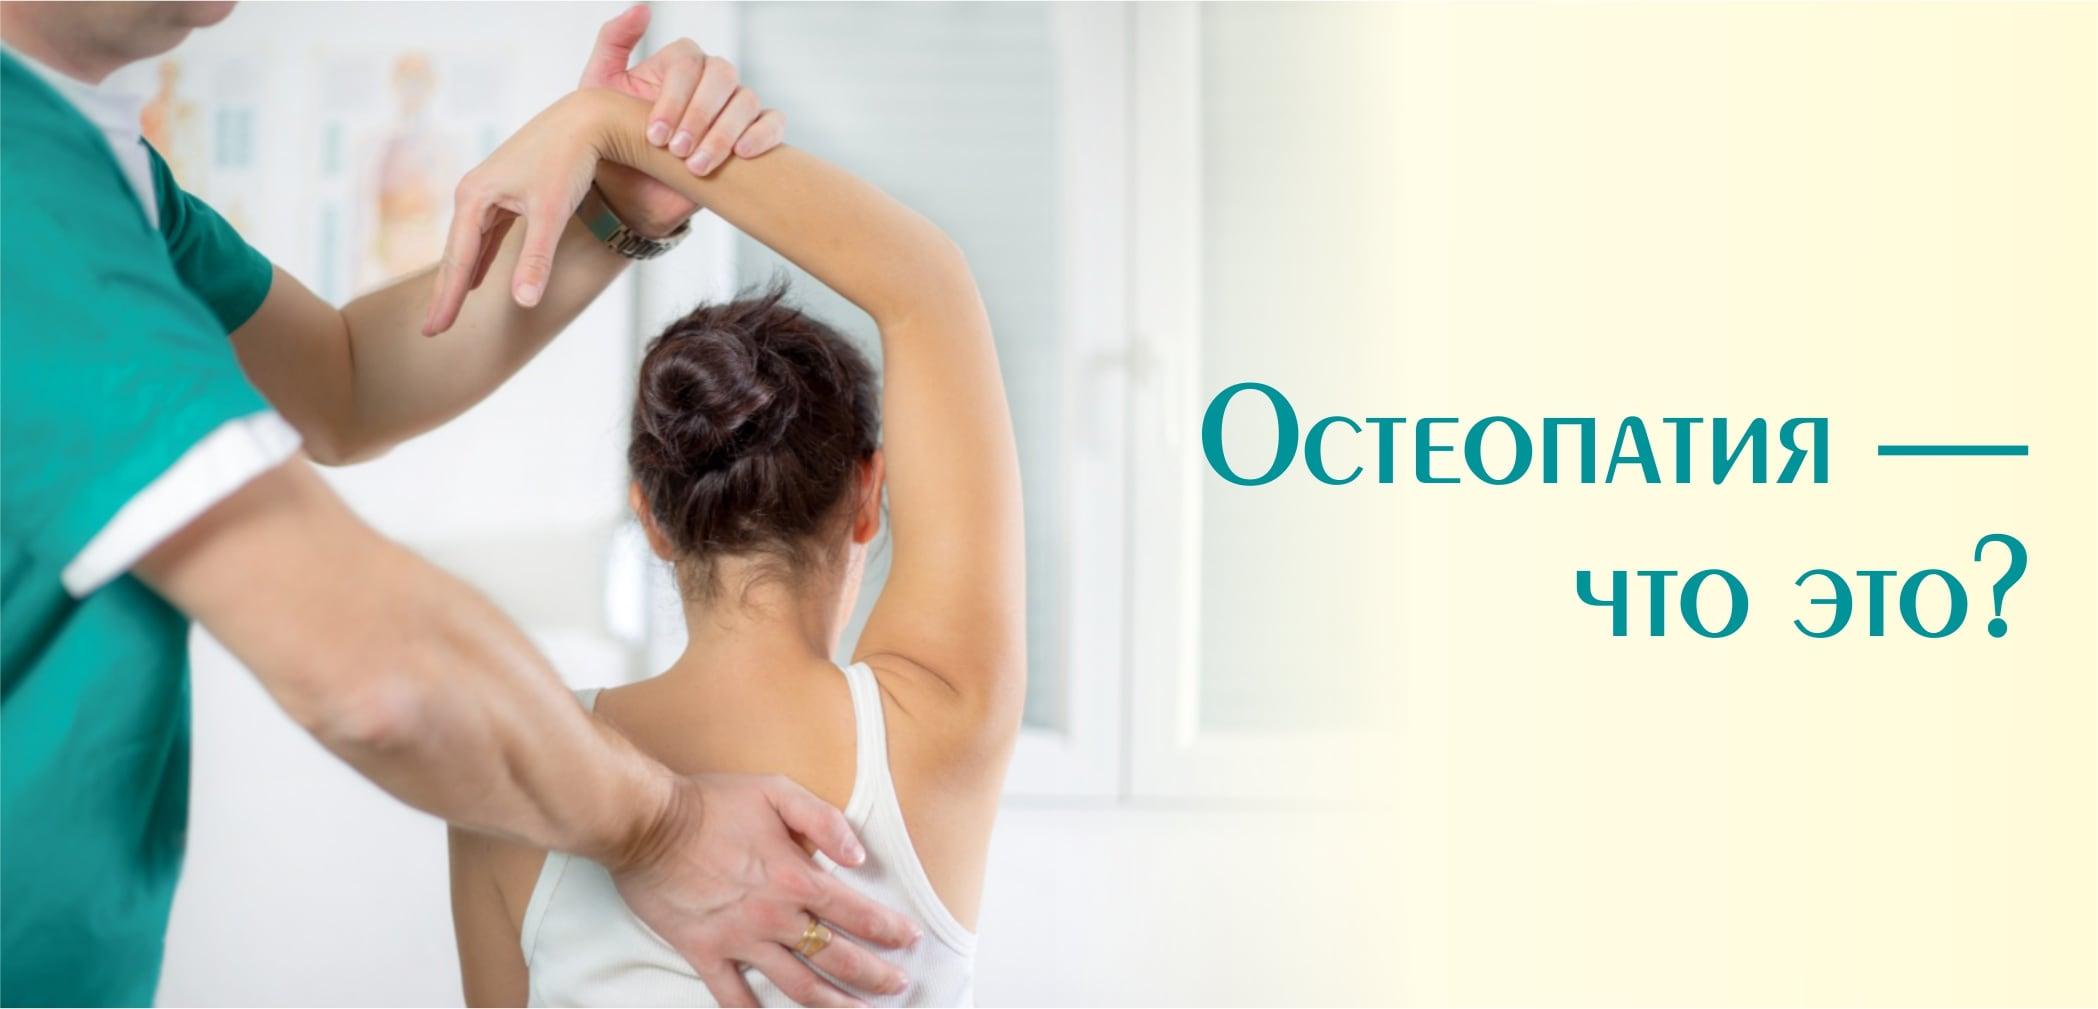 остеопатия _что это